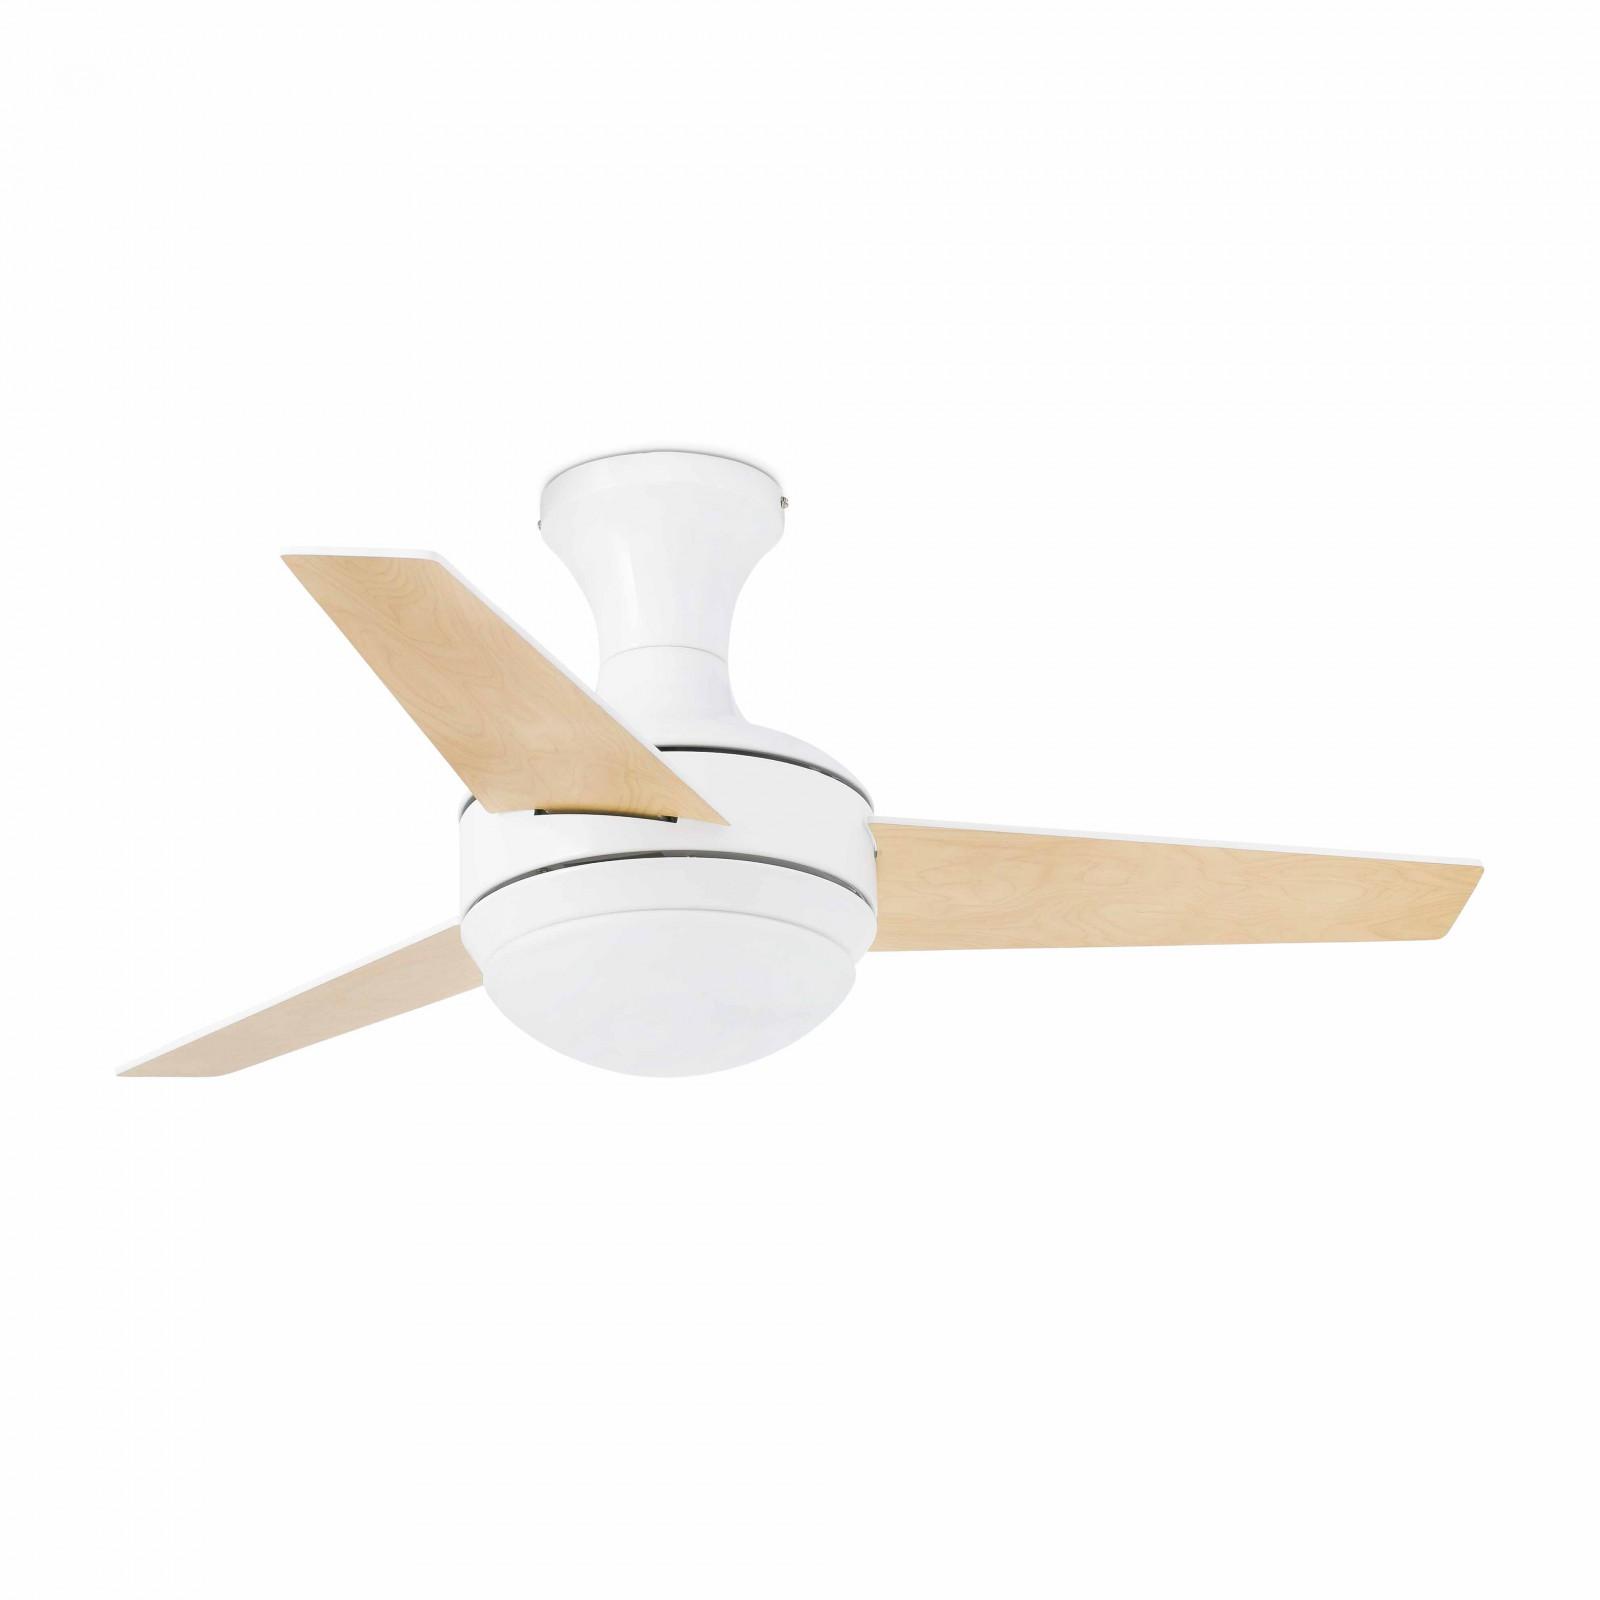 Deckenventilator--Mini--Ufo--Weiss--inklusiv_1 Elegantes Deckenventilator Mit Fernbedienung Und Beleuchtung Dekorationen